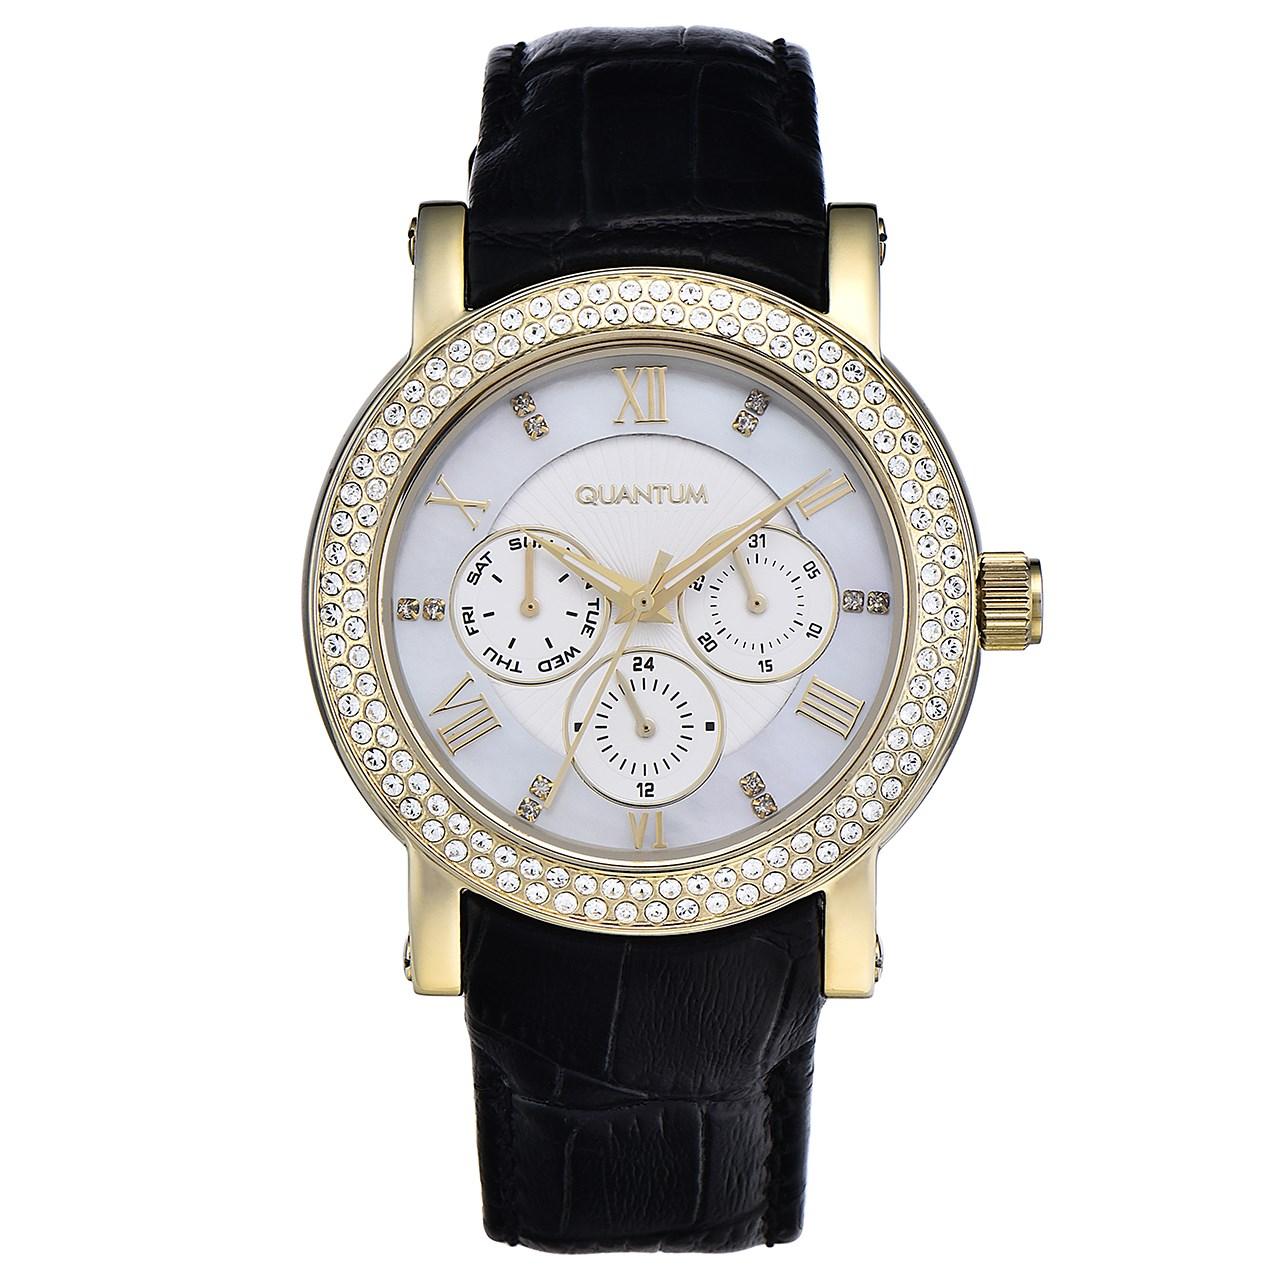 ساعت مچی عقربه ای زنانه کوانتوم مدل IML356.40